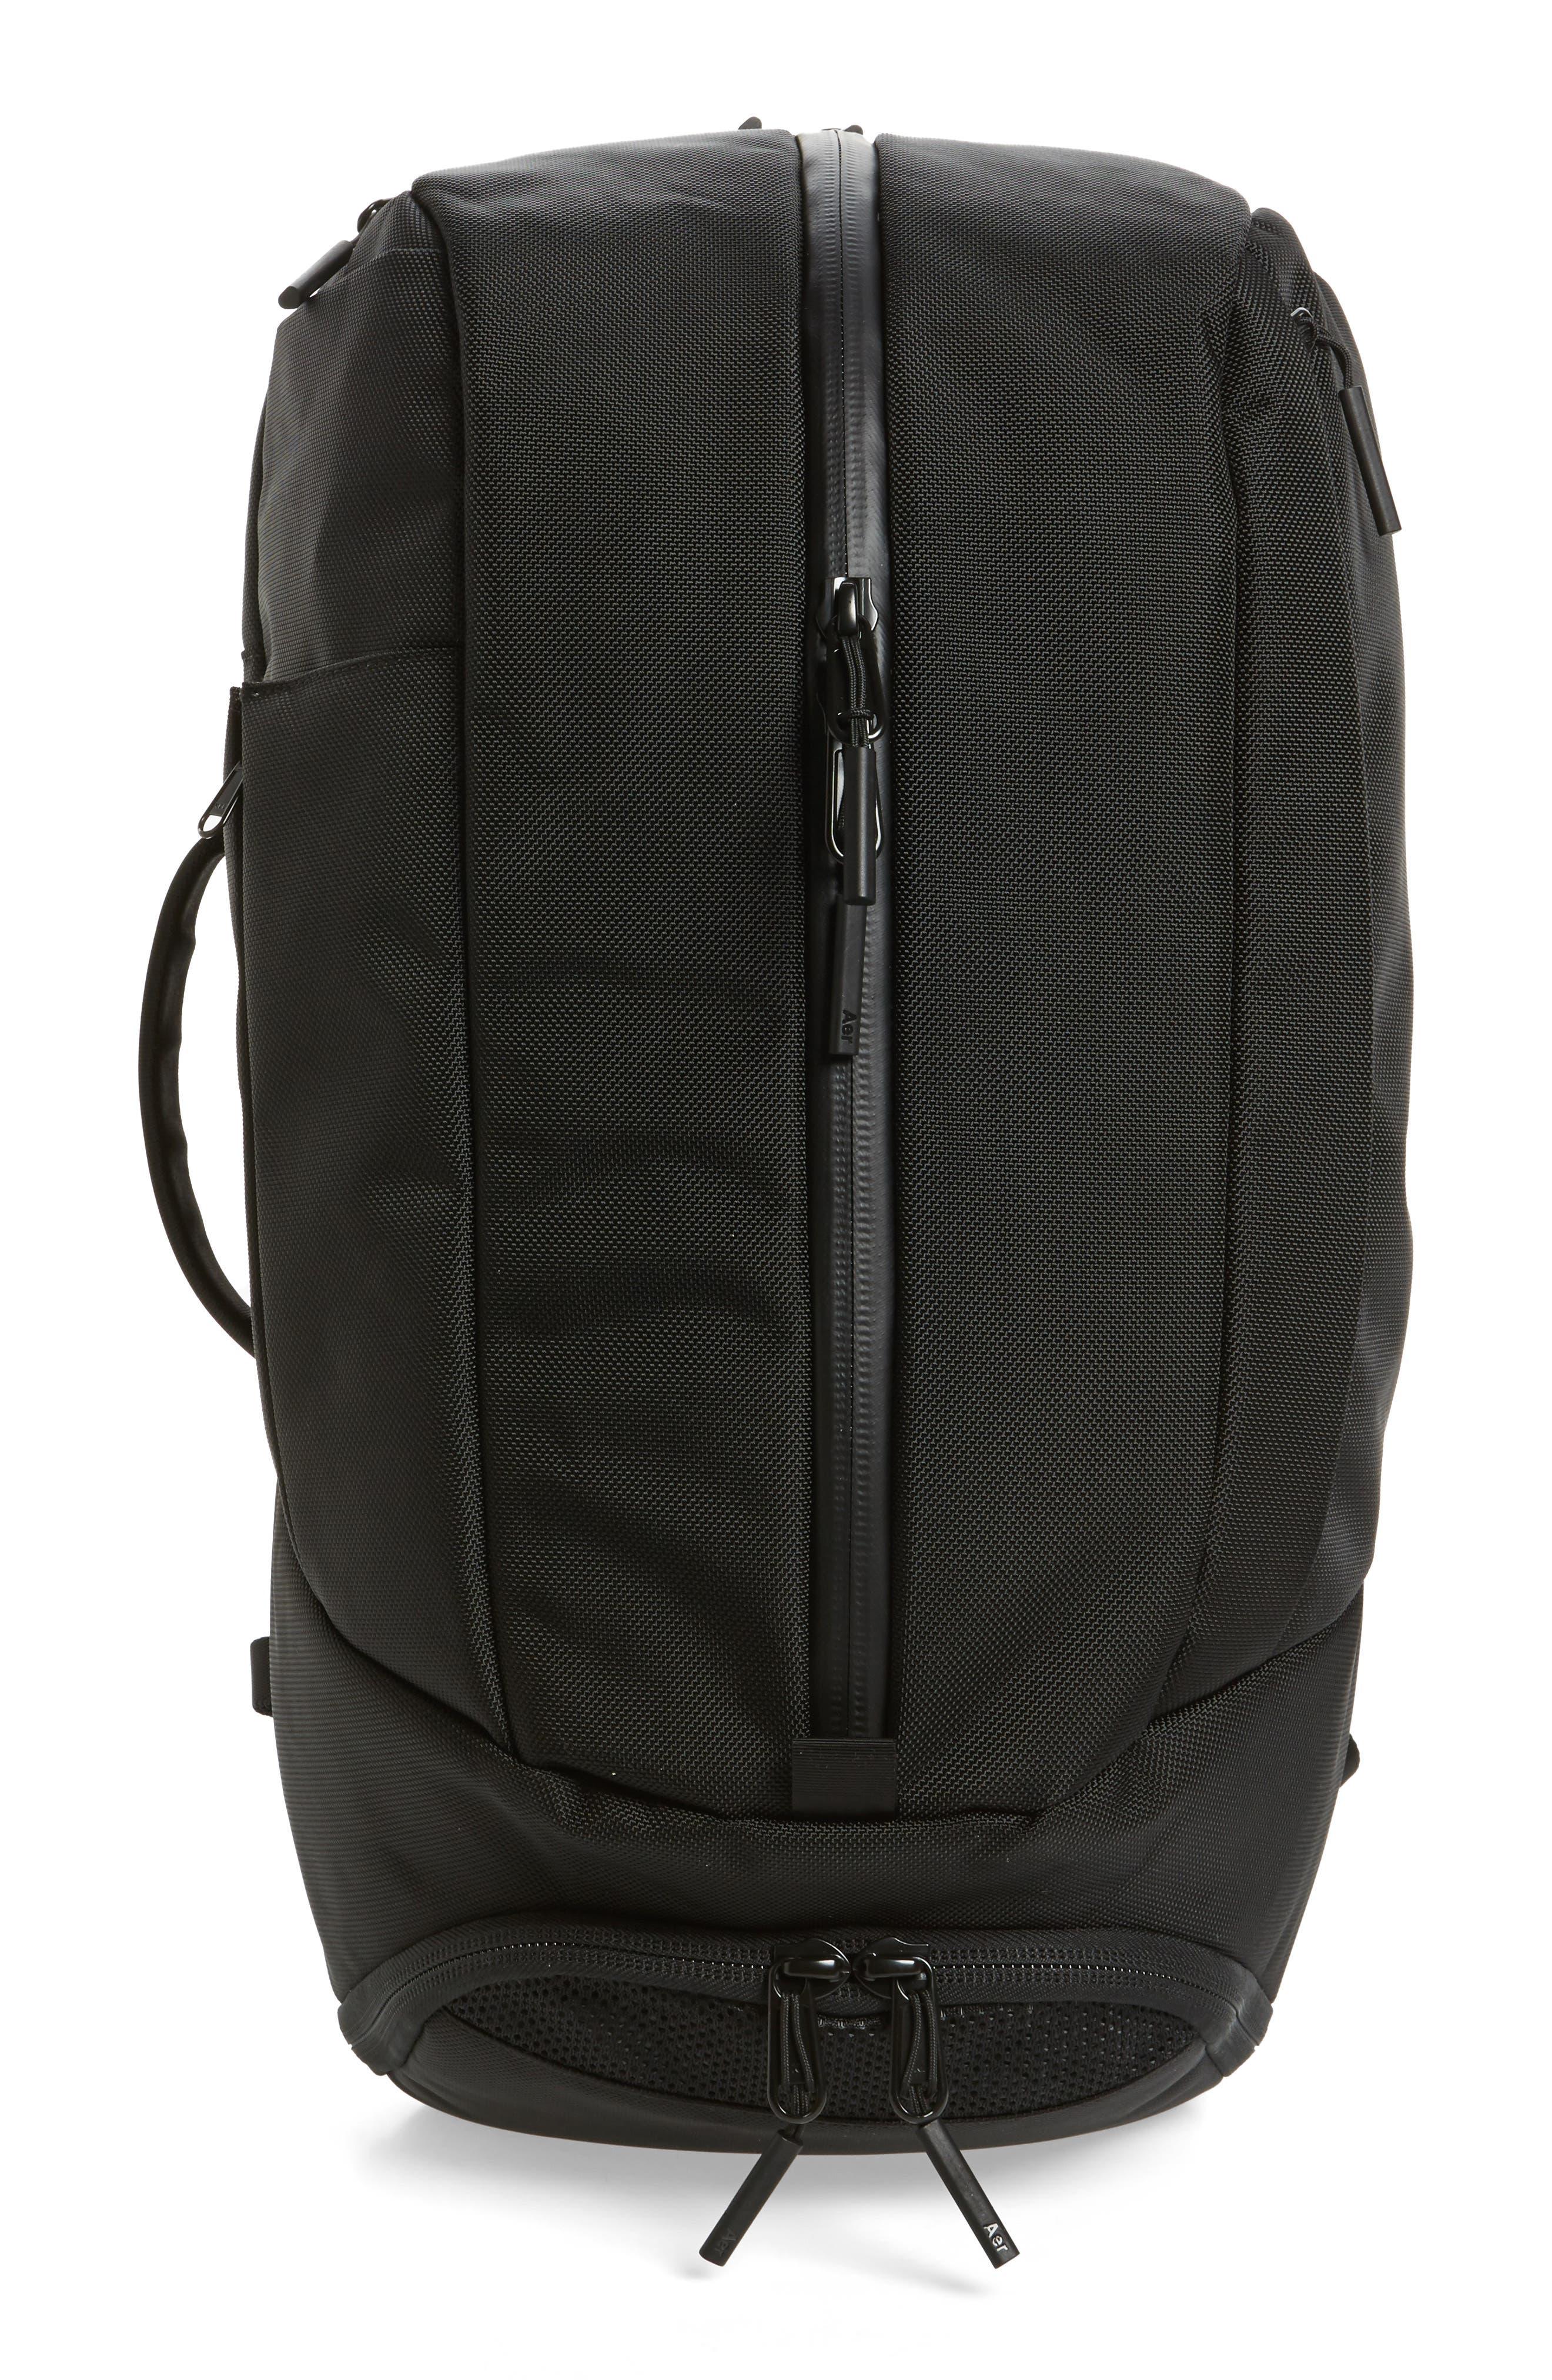 Duffel Pack 2 Convertible Backpack,                         Main,                         color, BLACK